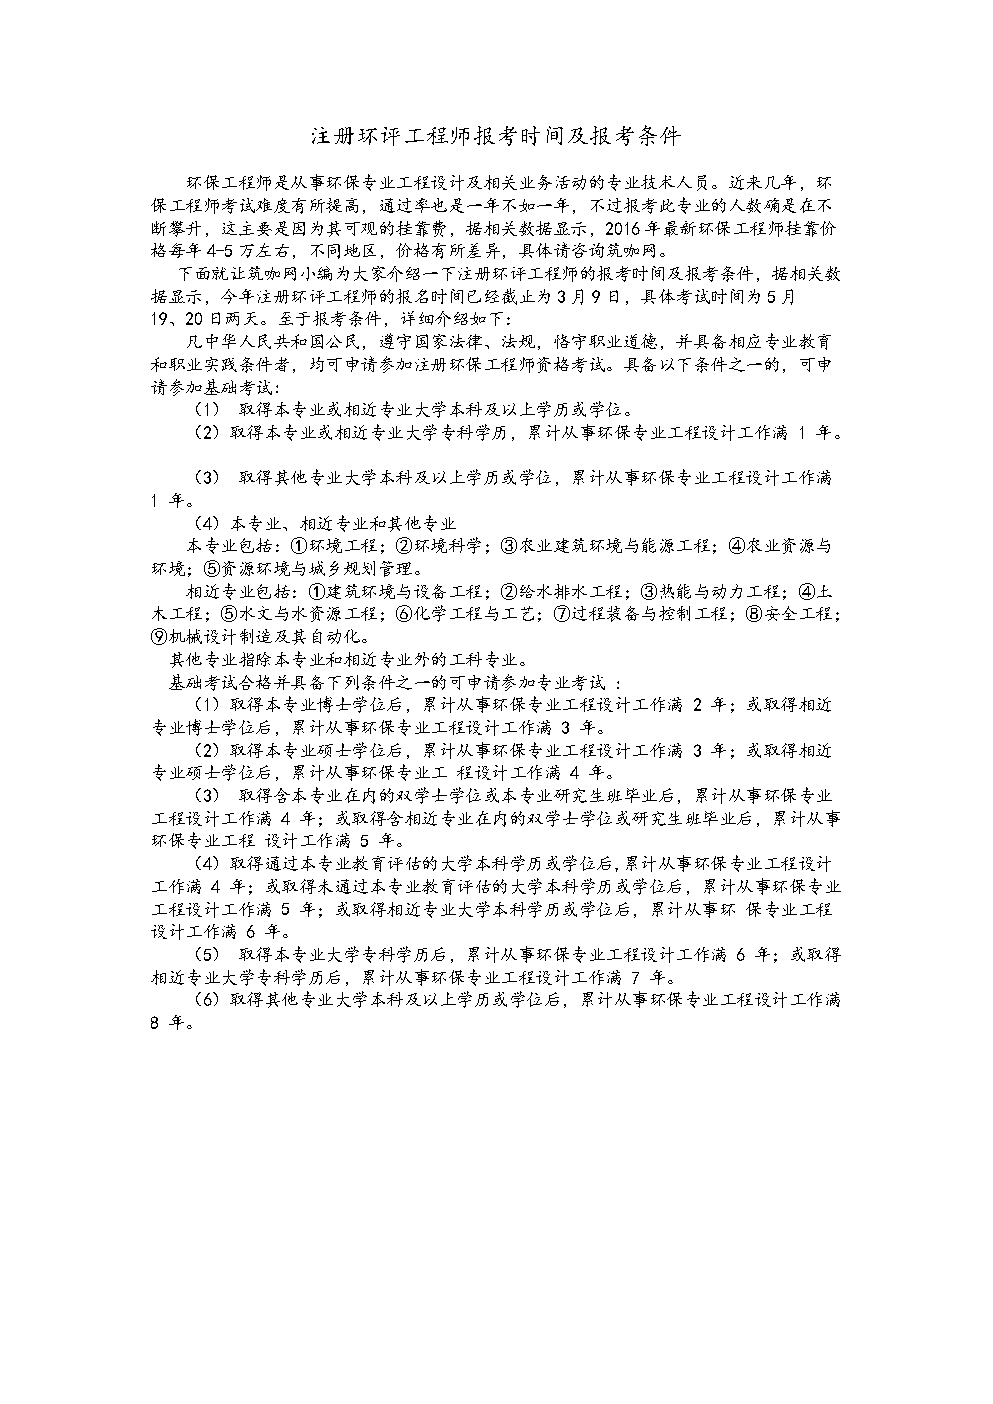 注册环评工程师报考时间及报考条件.doc